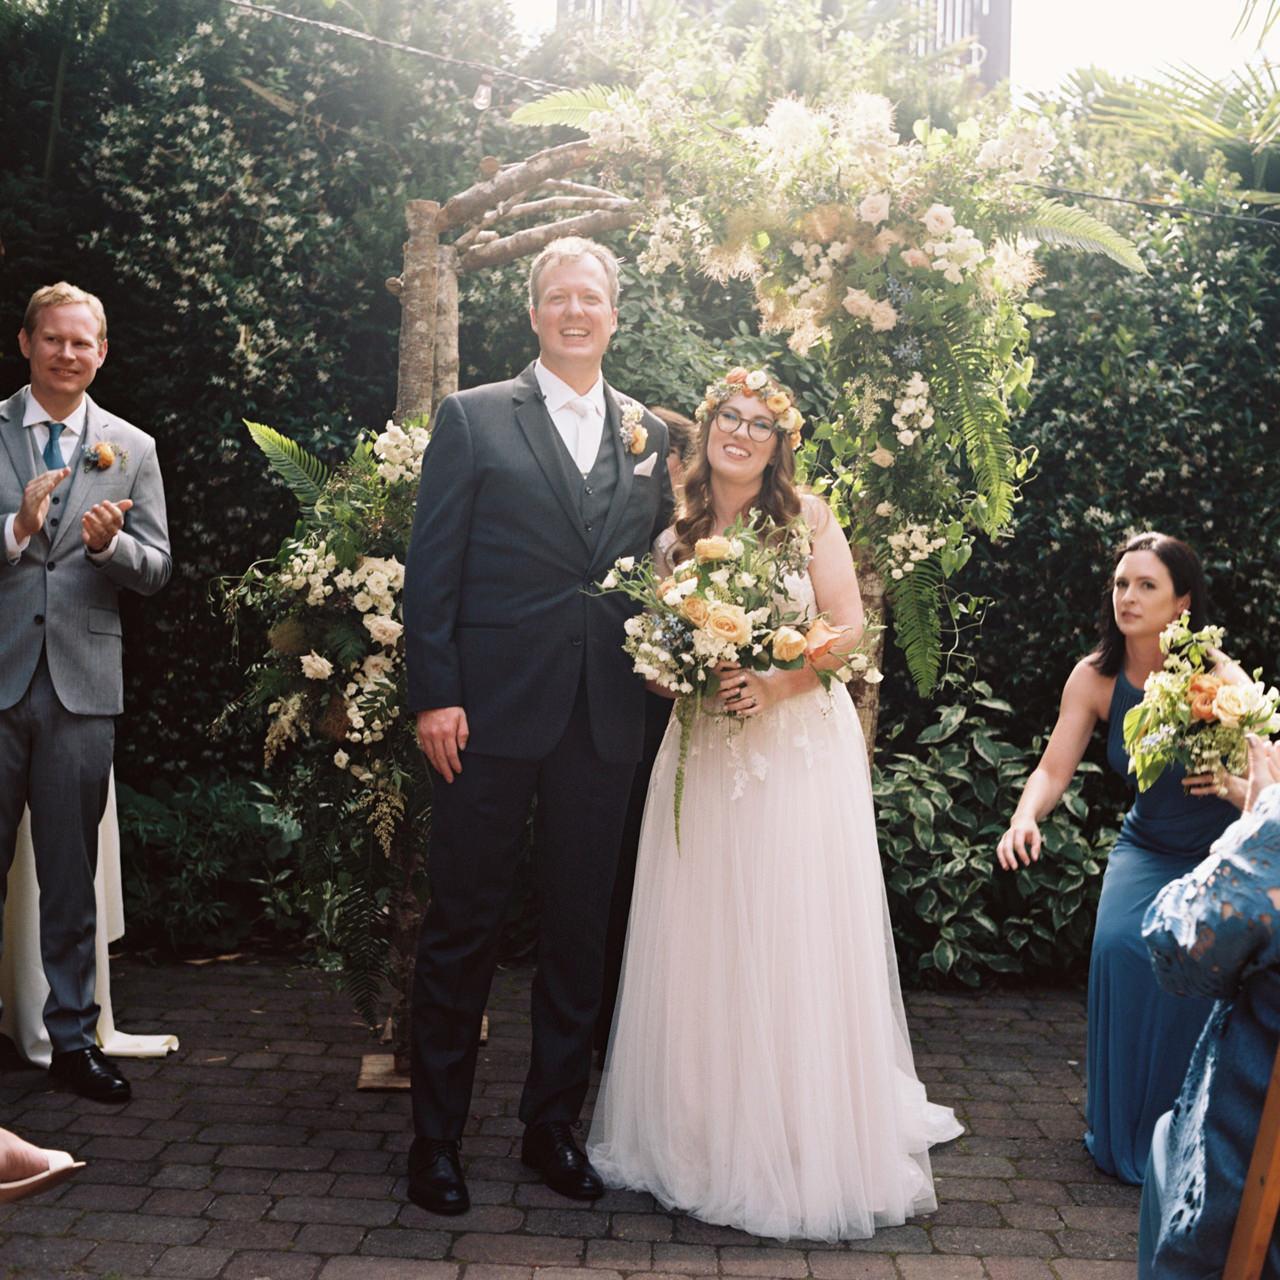 kennedy-school-mcmenamins-portland-wedding-079.JPG